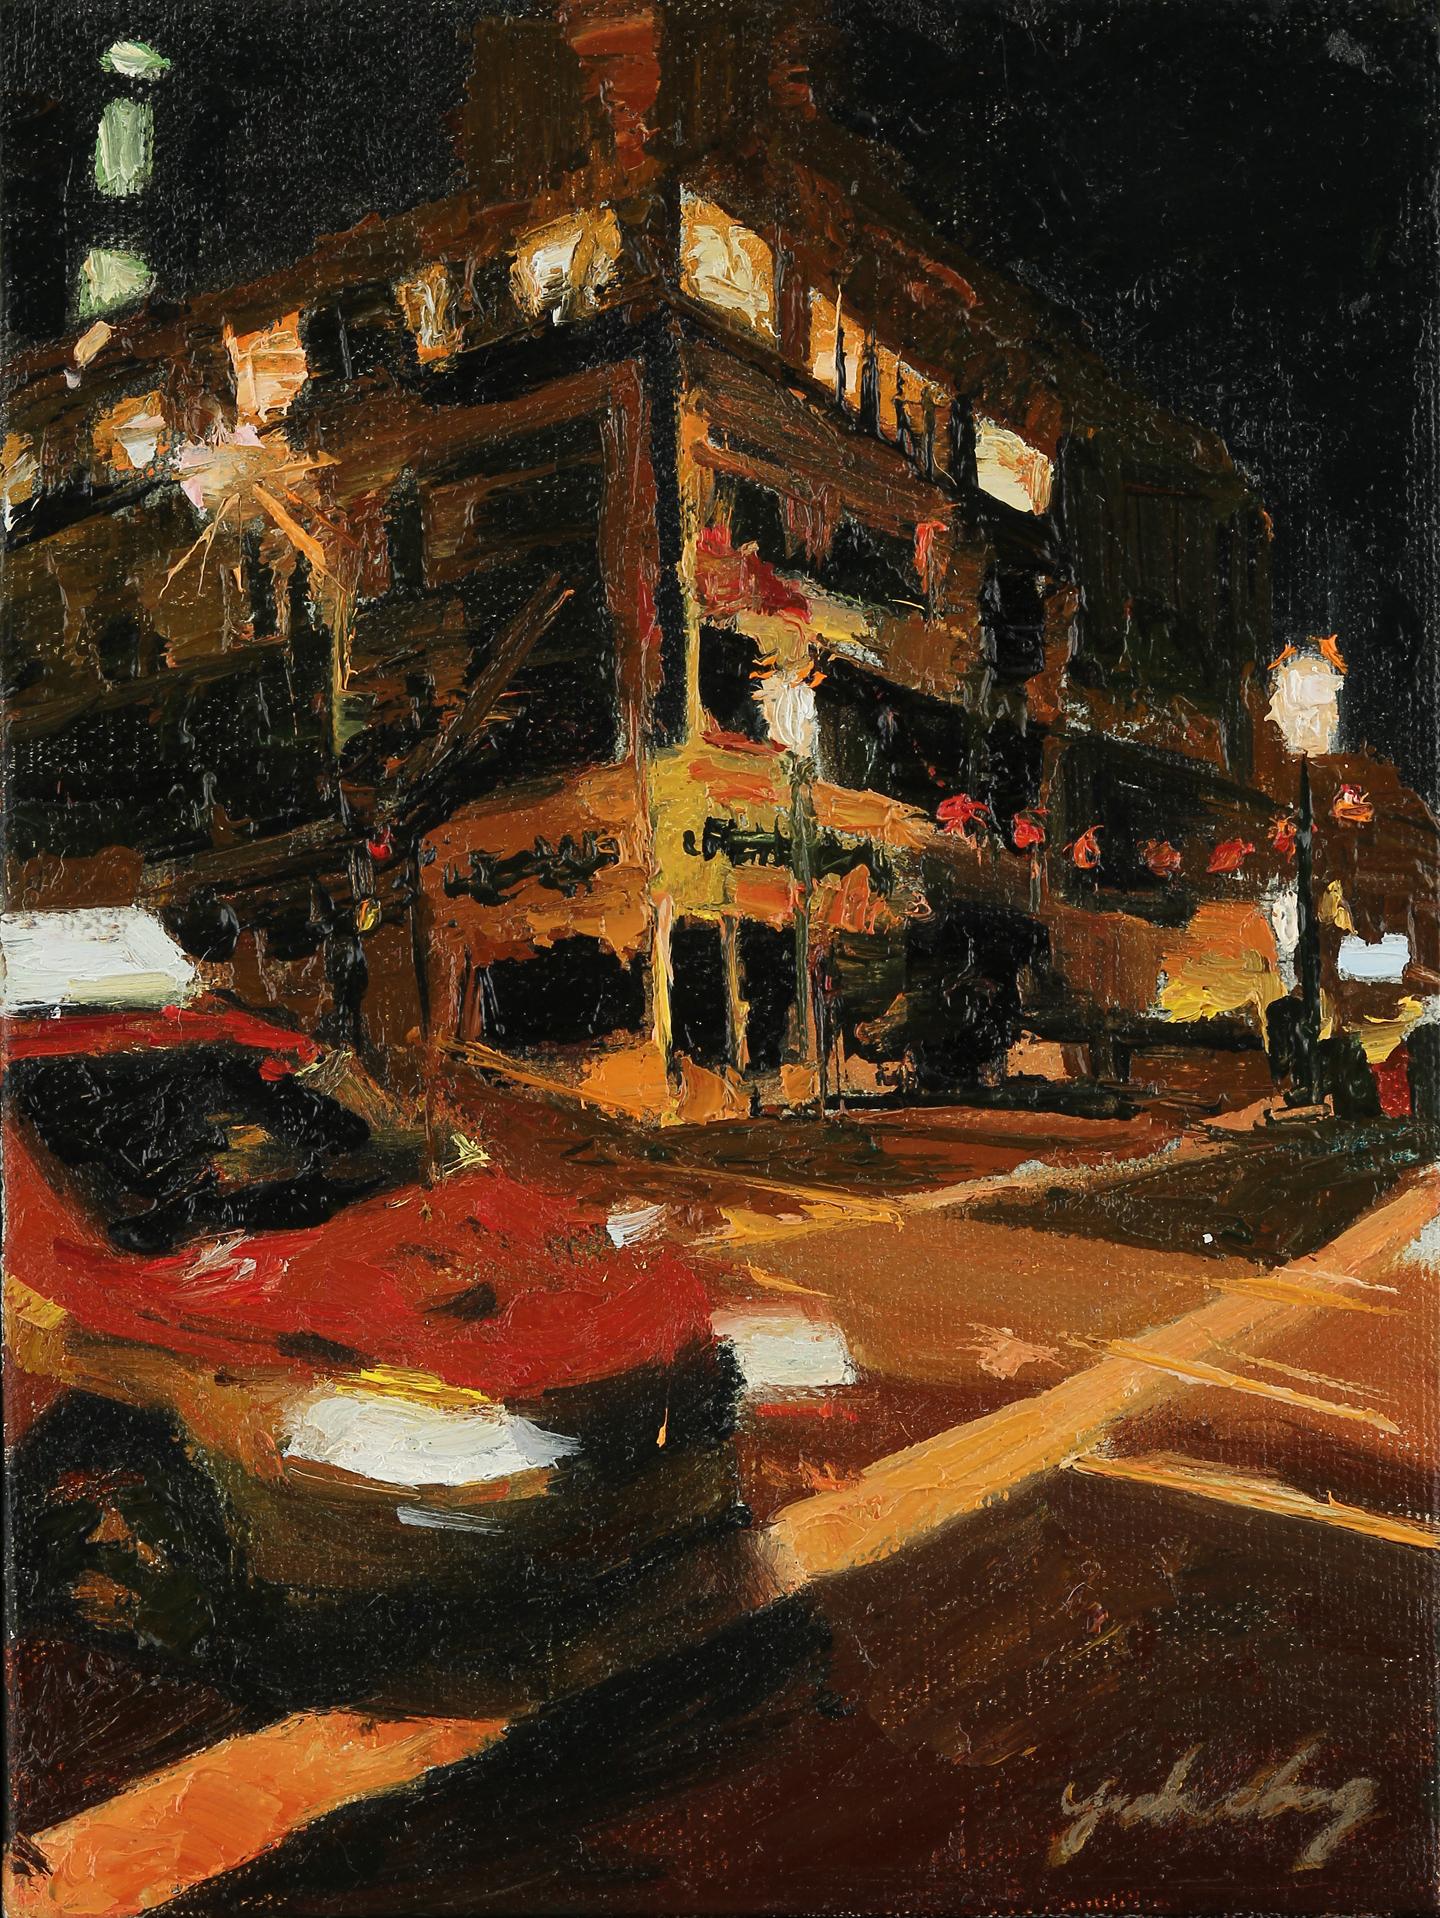 Night in Chinatown (small).jpg